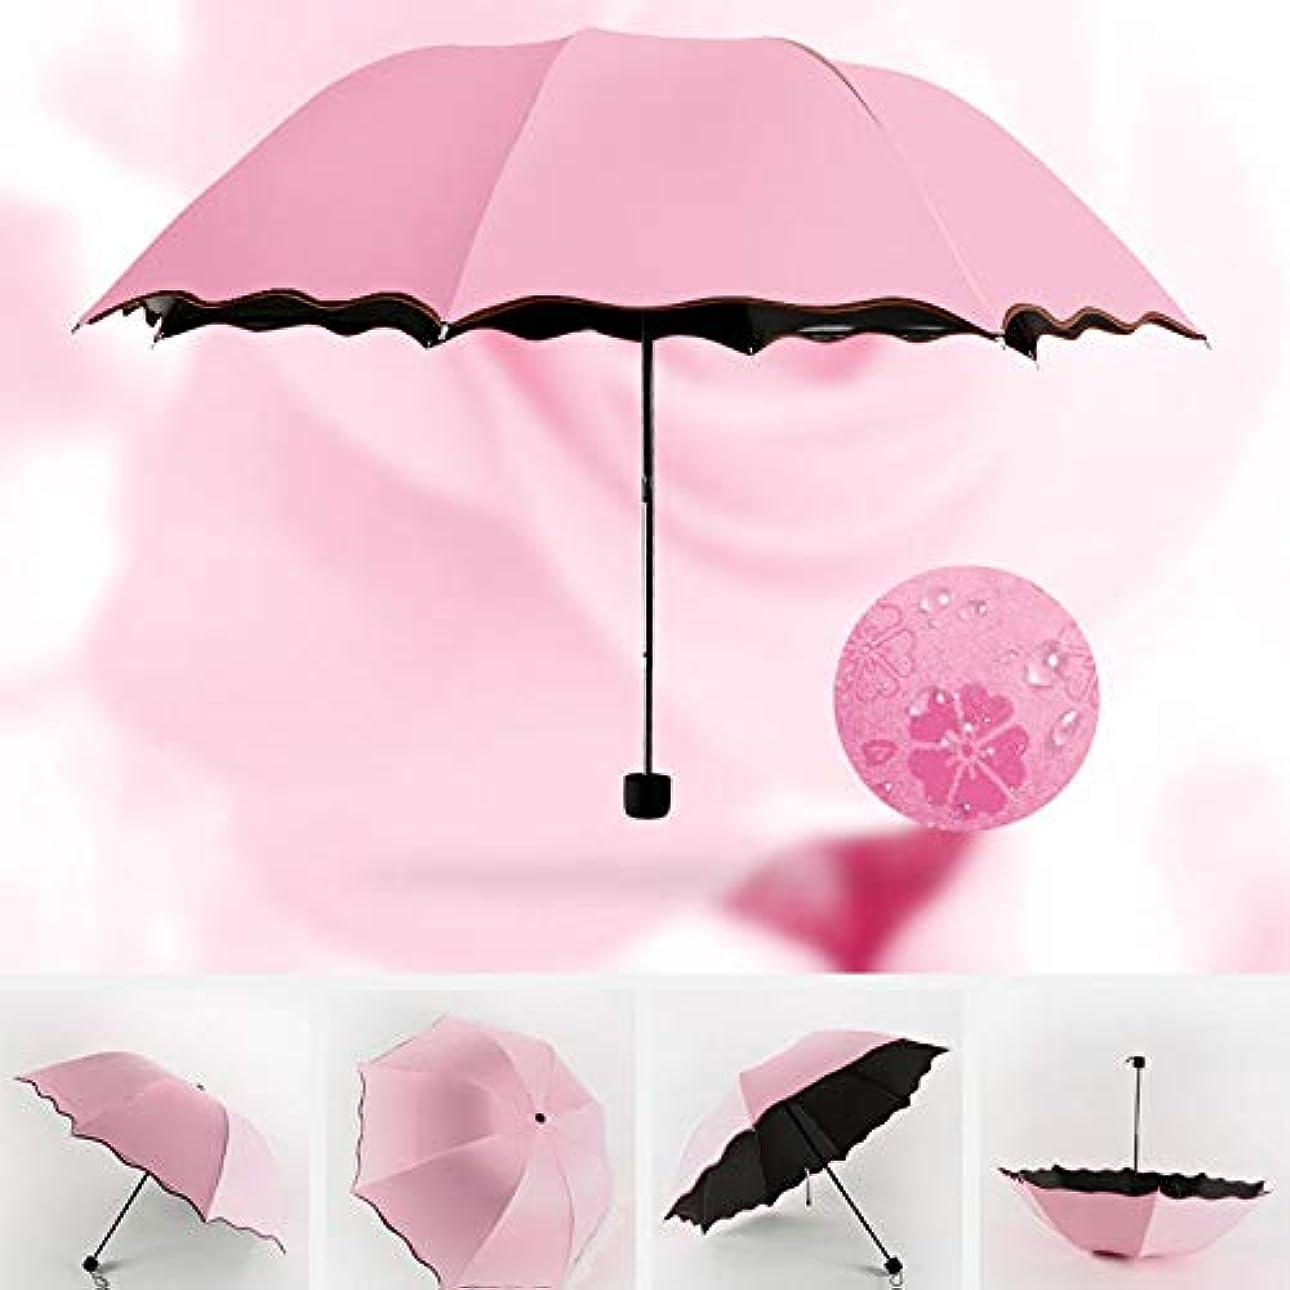 セットアップ主導権血統二重層黒のり太陽日傘女性雨逆パラソル男性ガルダチューバ逆転パラパラプルーフ防風